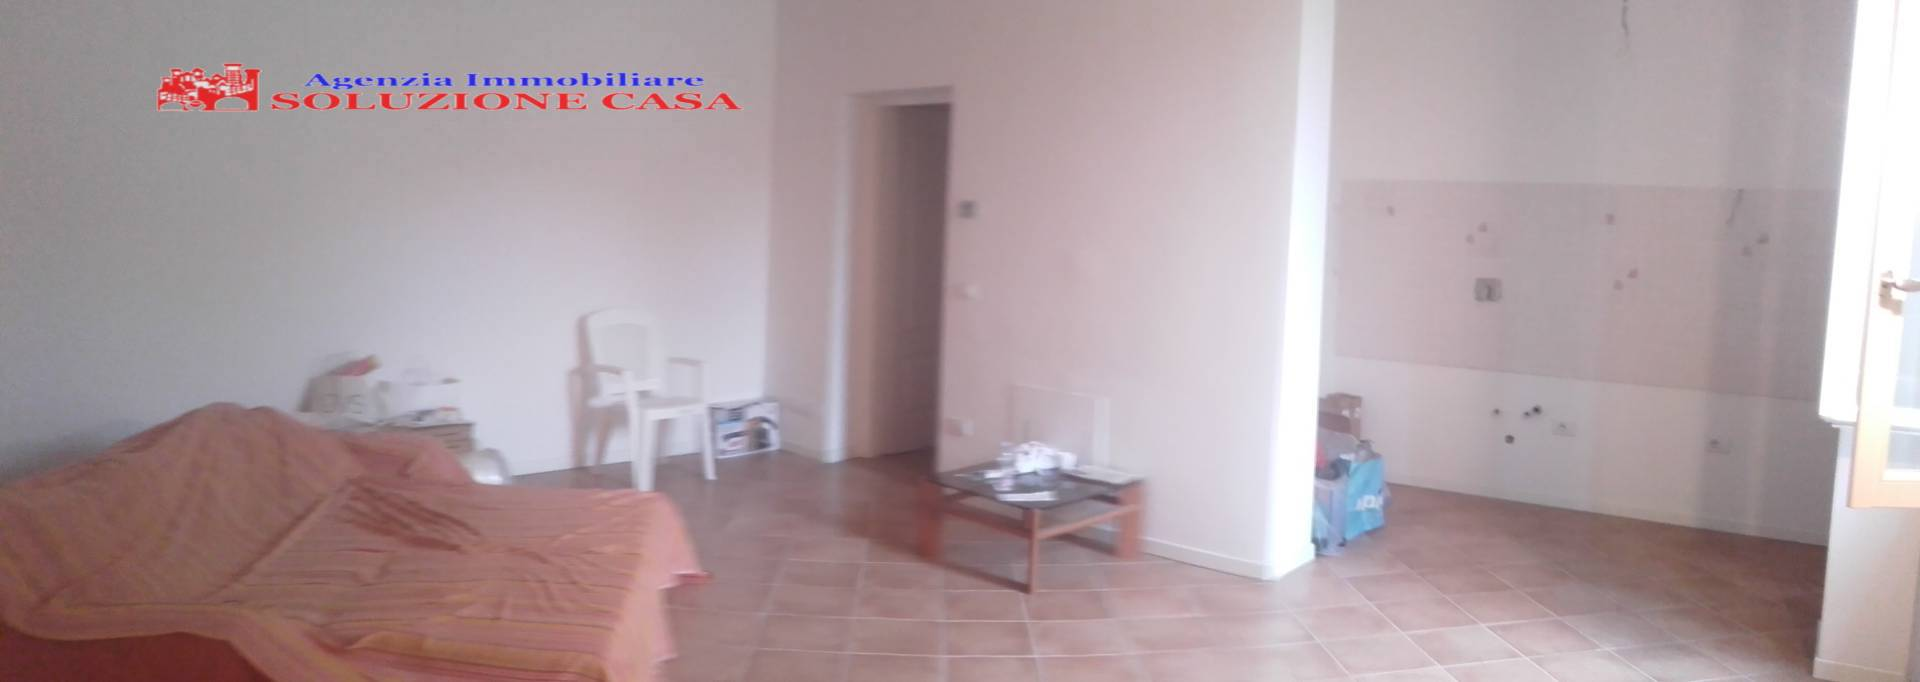 Appartamento in affitto a Pieve di Cento, 2 locali, prezzo € 450 | CambioCasa.it